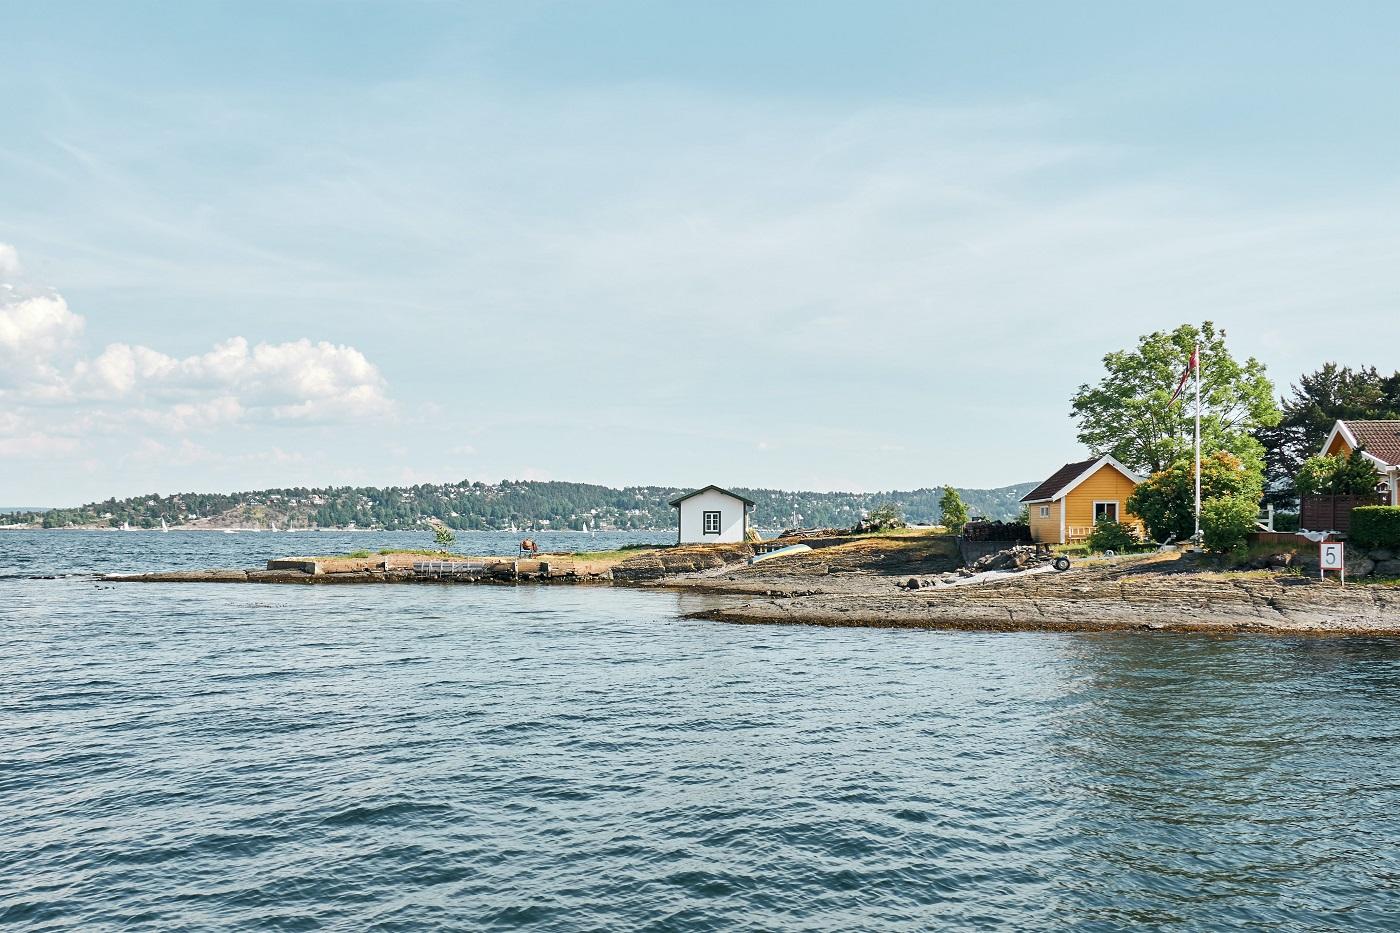 Utleie av hytte i sommer